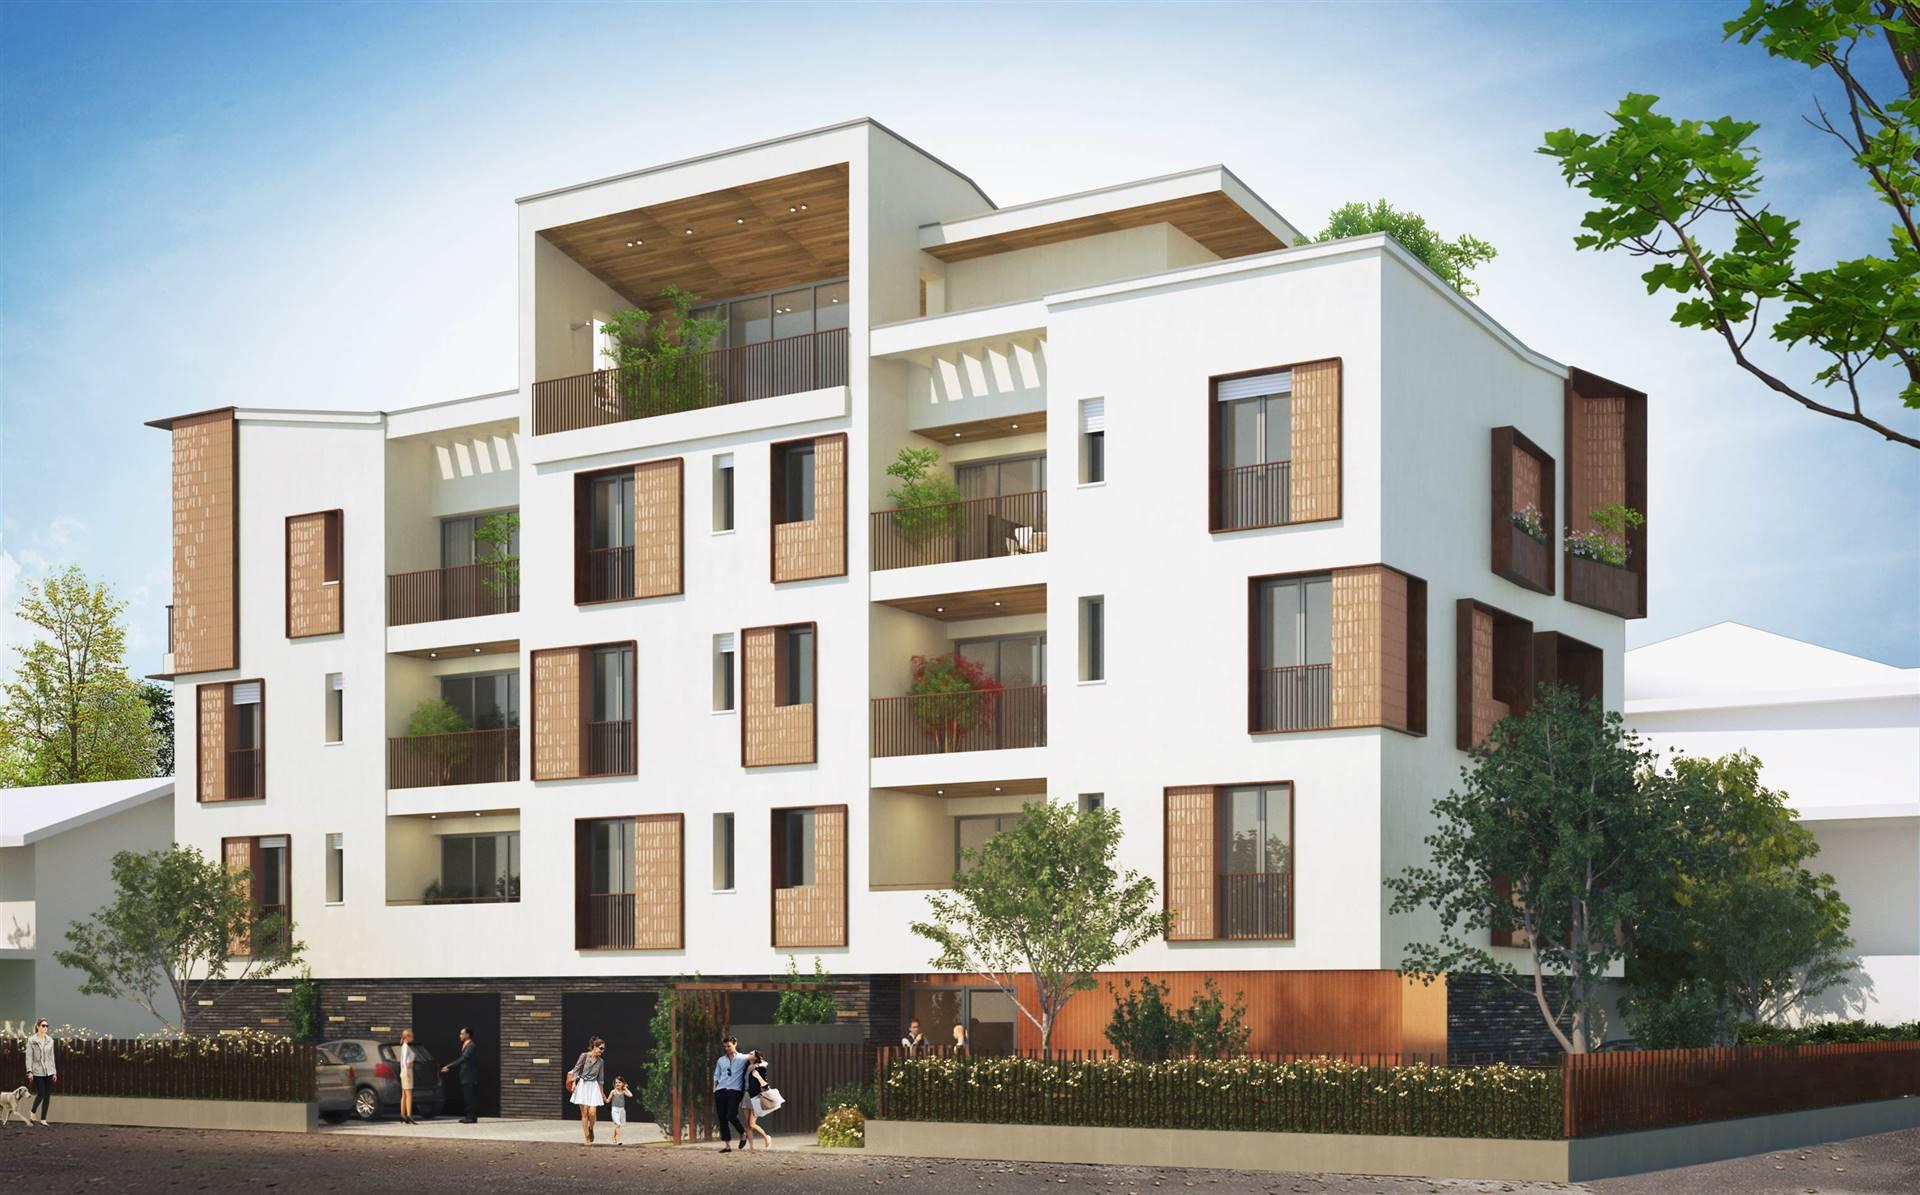 Appartamento in vendita a Rimini, 3 locali, prezzo € 320.000 | CambioCasa.it